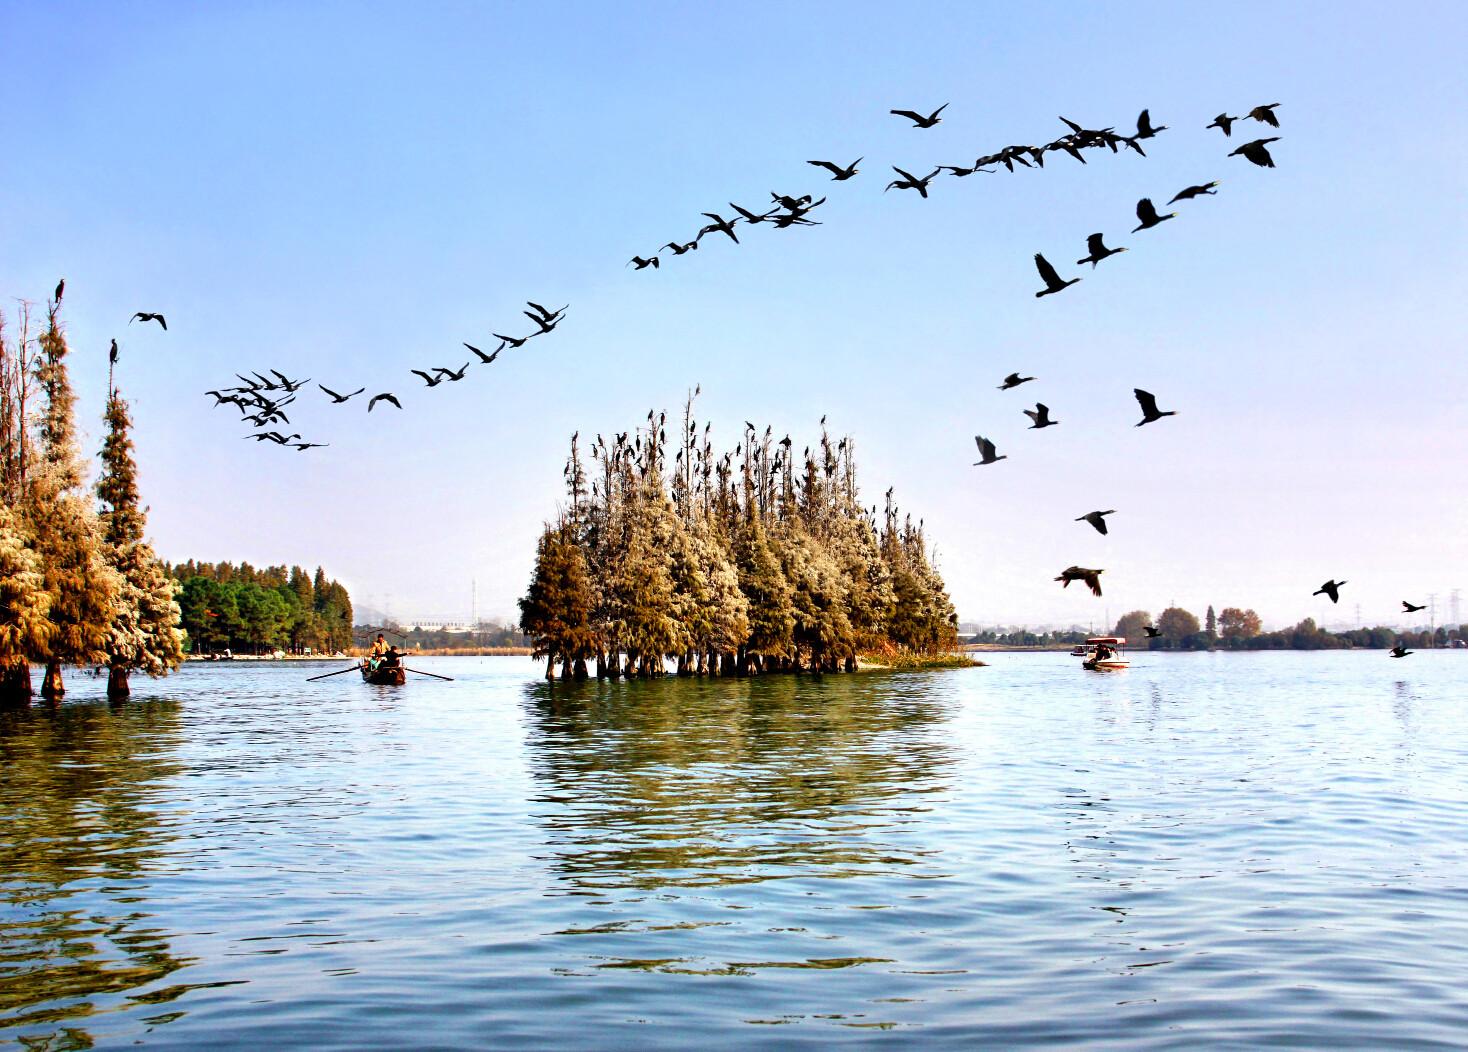 武汉旅游攻略|武汉·东湖落雁景区——去东湖落雁景区